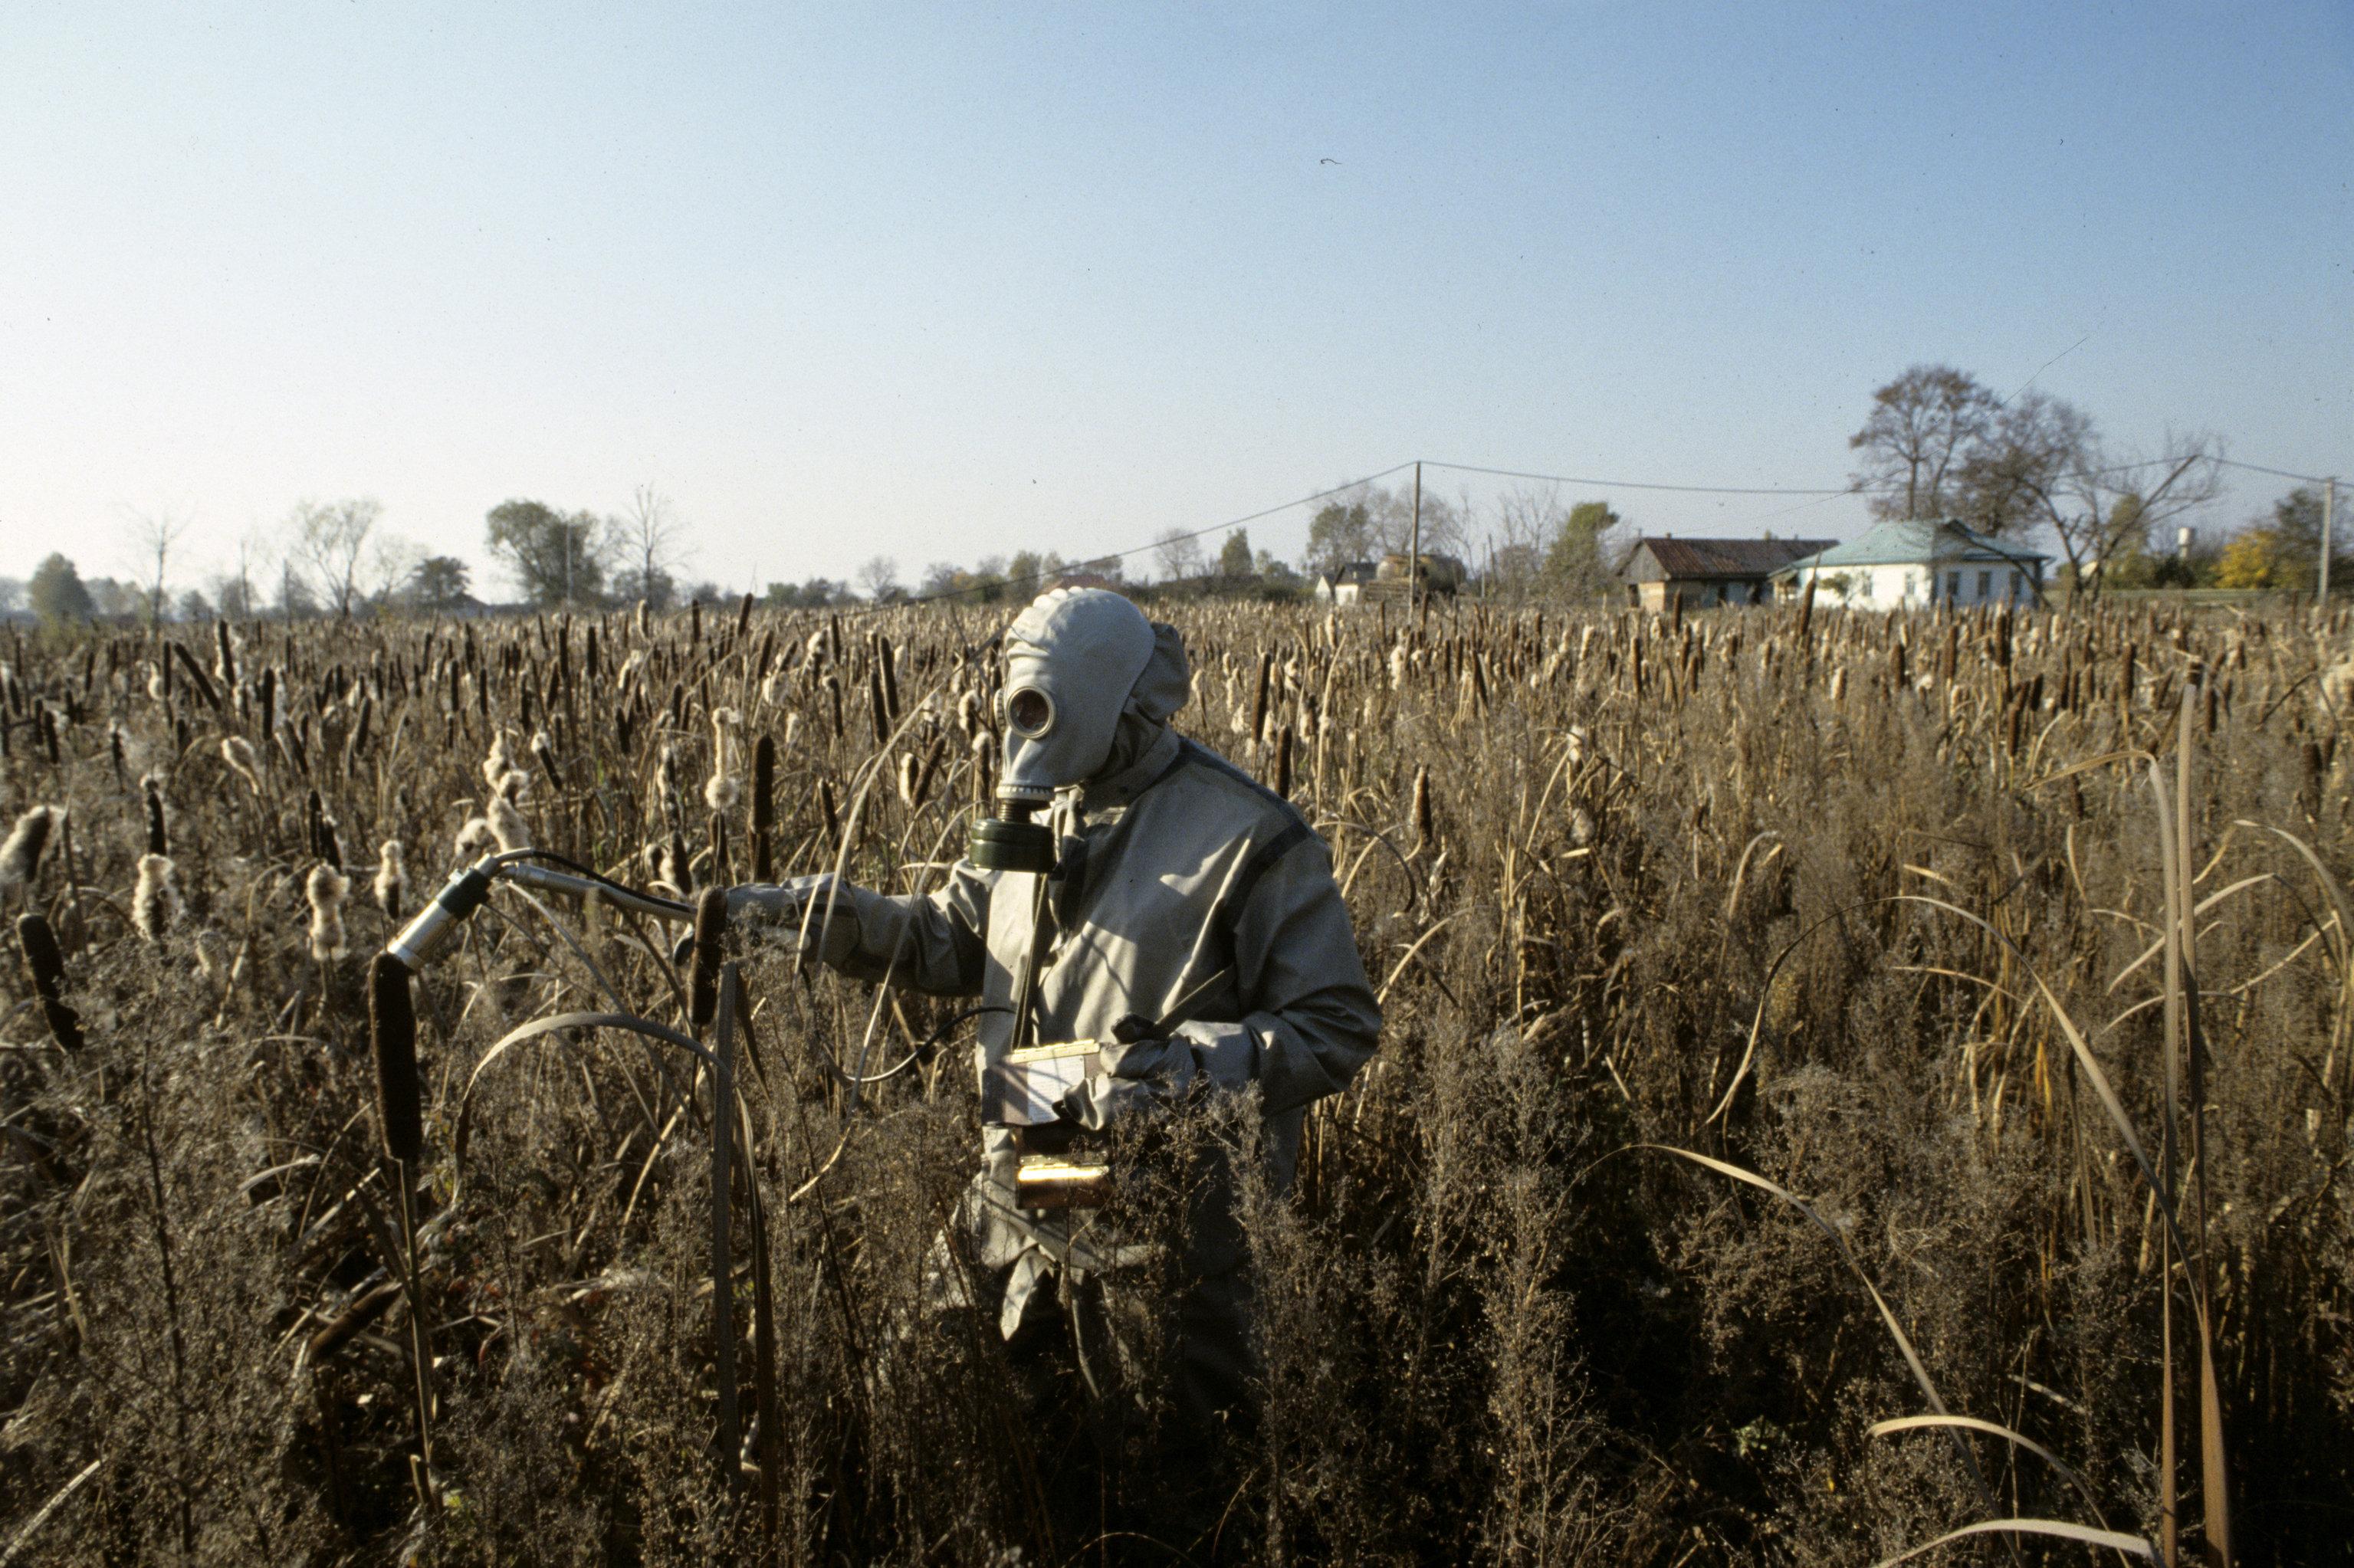 После Чернобыля села вымерли